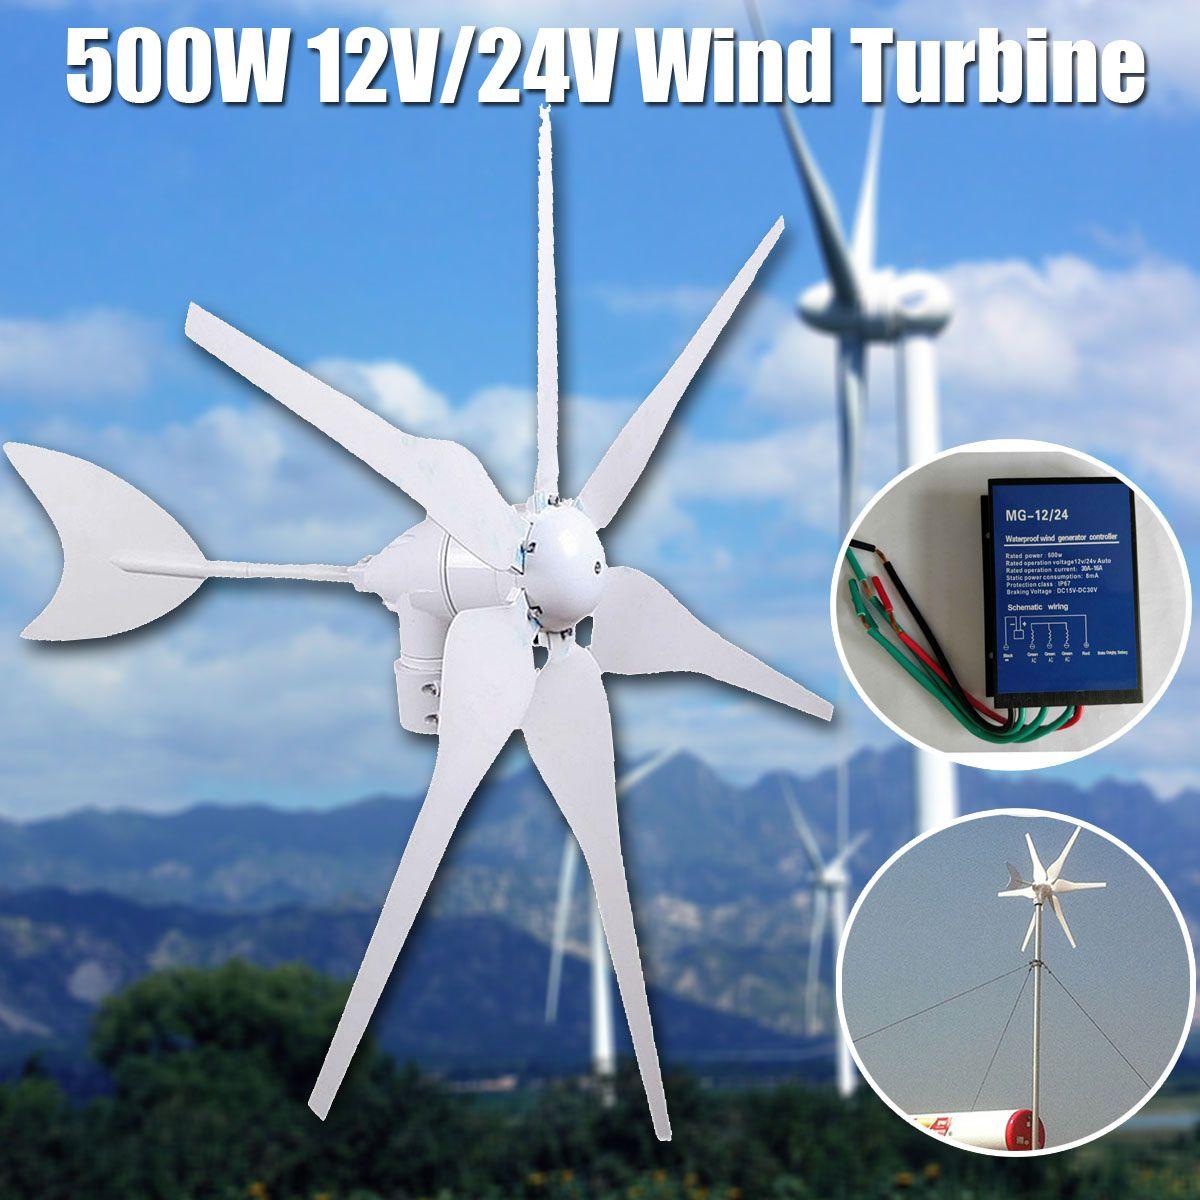 500 watt 12 v/24 v Umwelt 6 Klingen Miniatur Wind Turbine Mini Wind Turbine Energie Generator Wohn Hause mit Controller